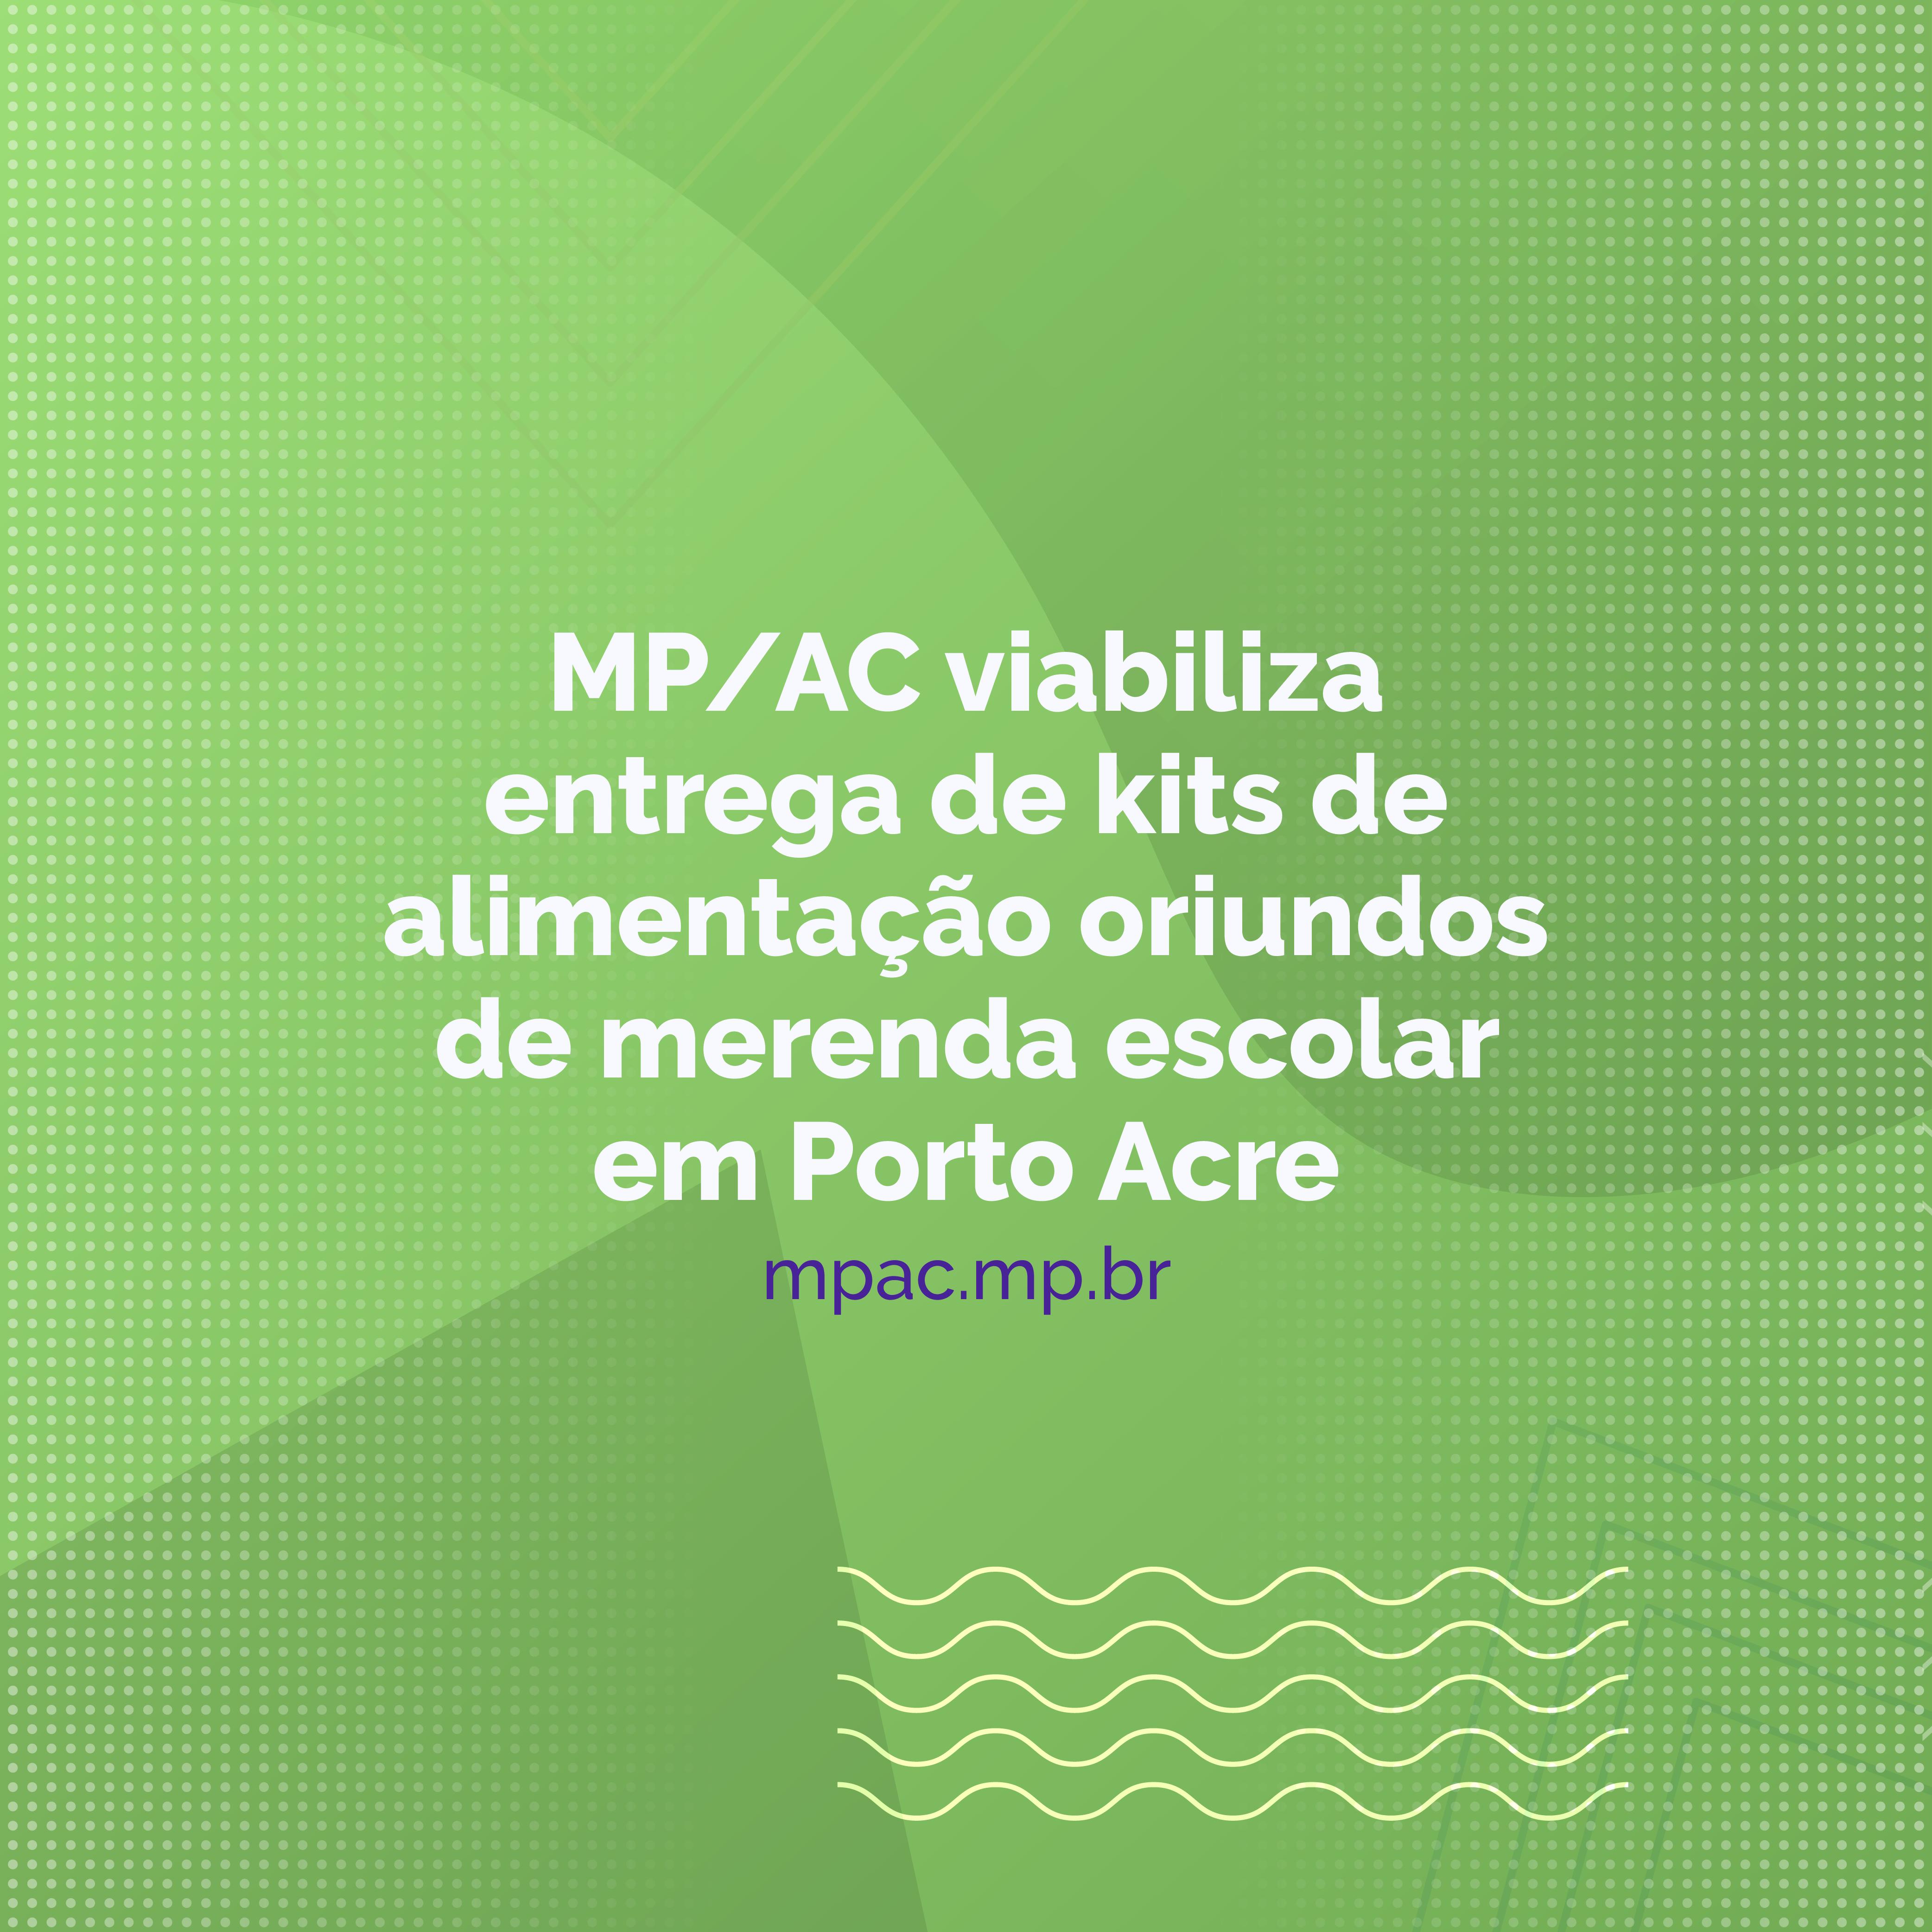 26 06 MPAC